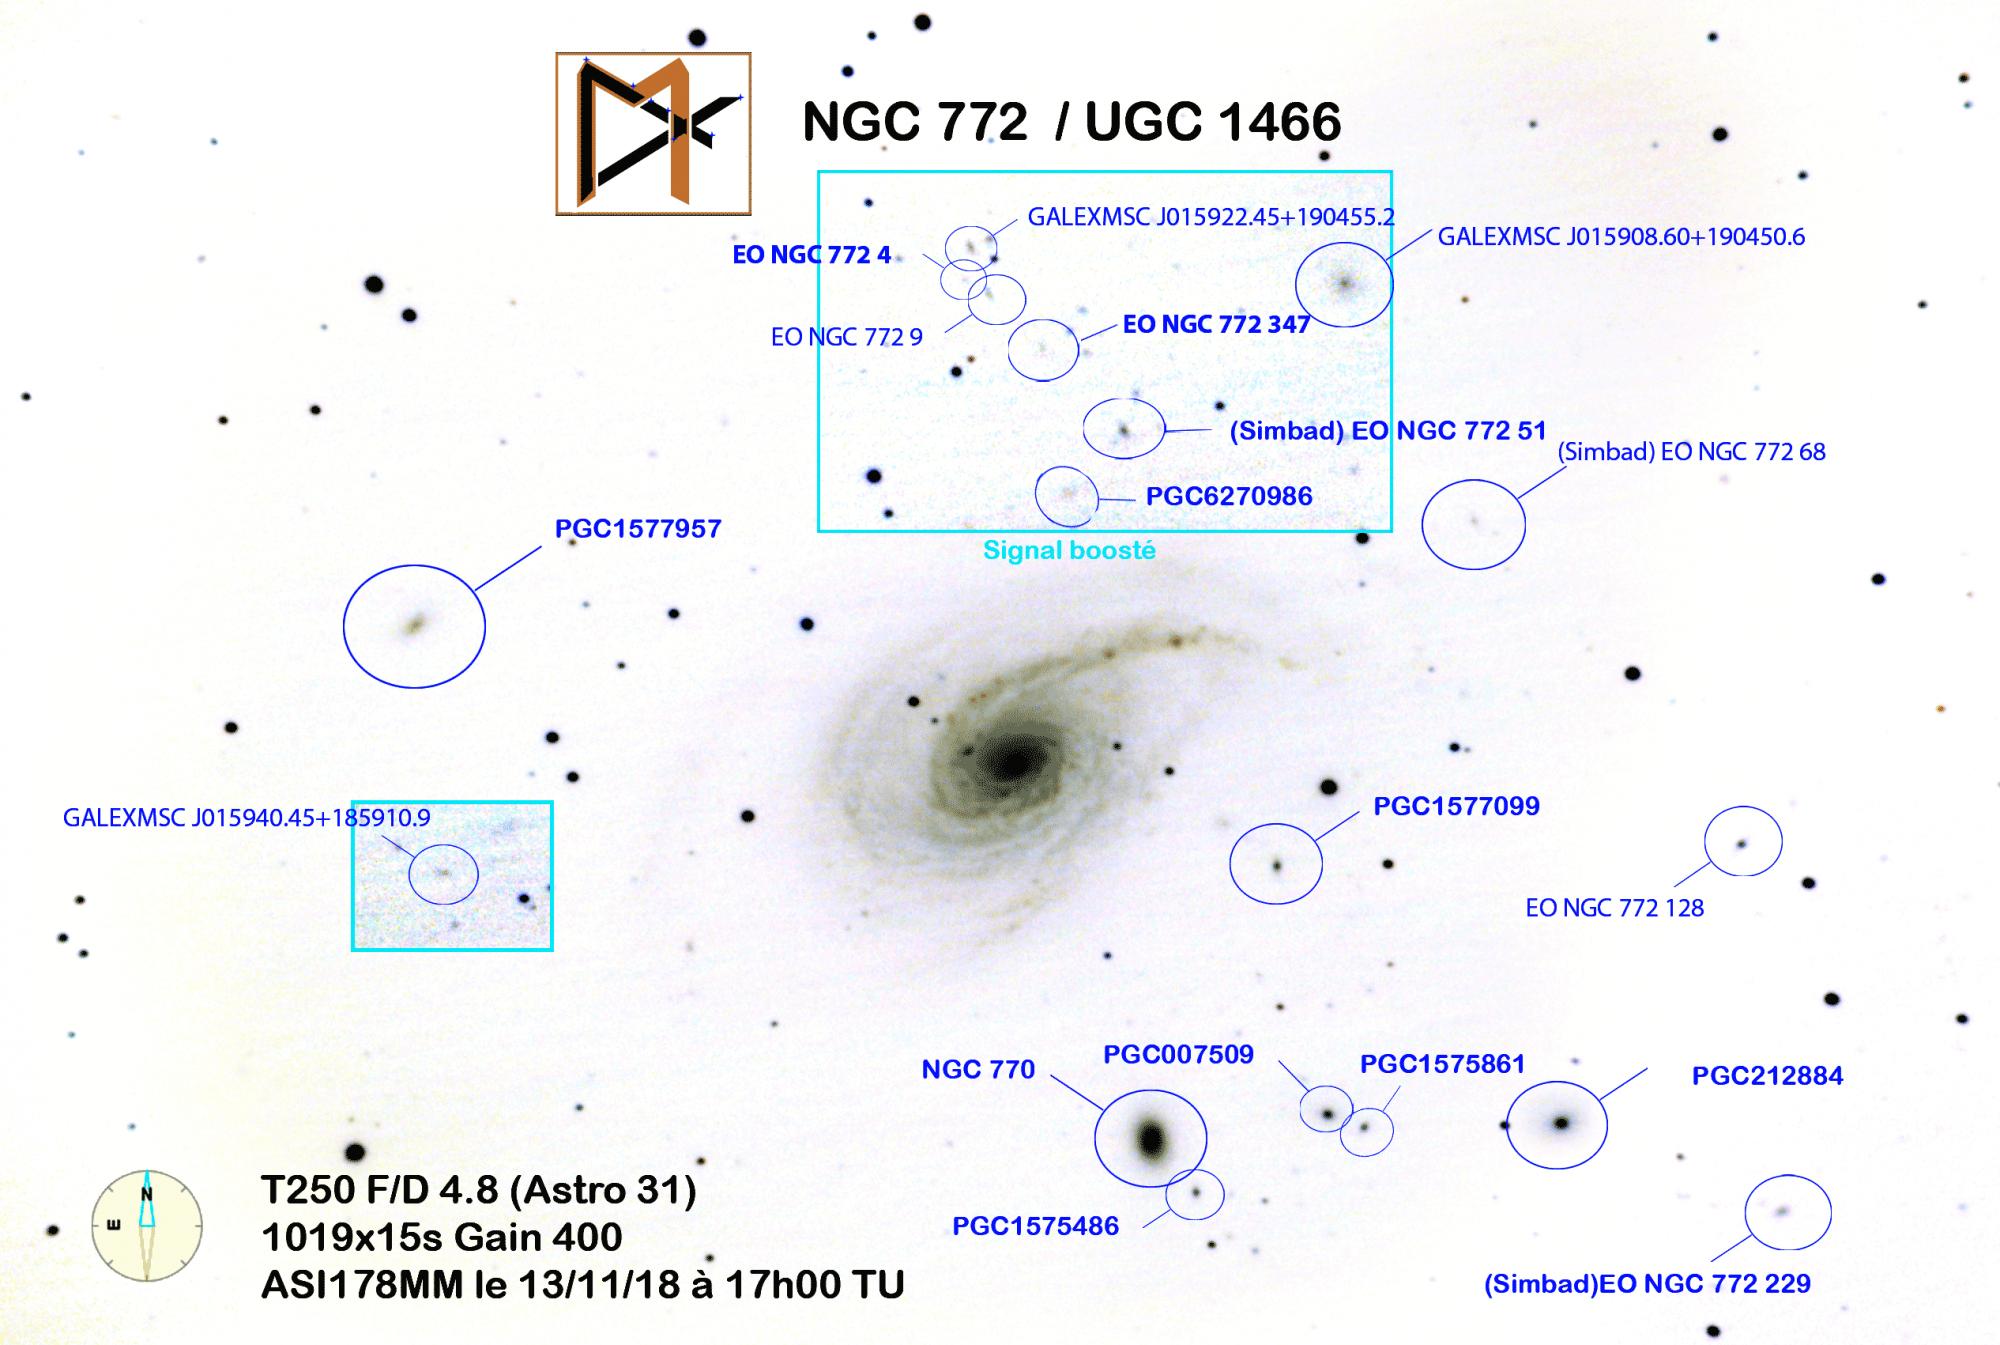 5bf151cad4fdd_NGC-772-ngatif.thumb.png.b93df85a5f38daea01b81c33e9506447.png